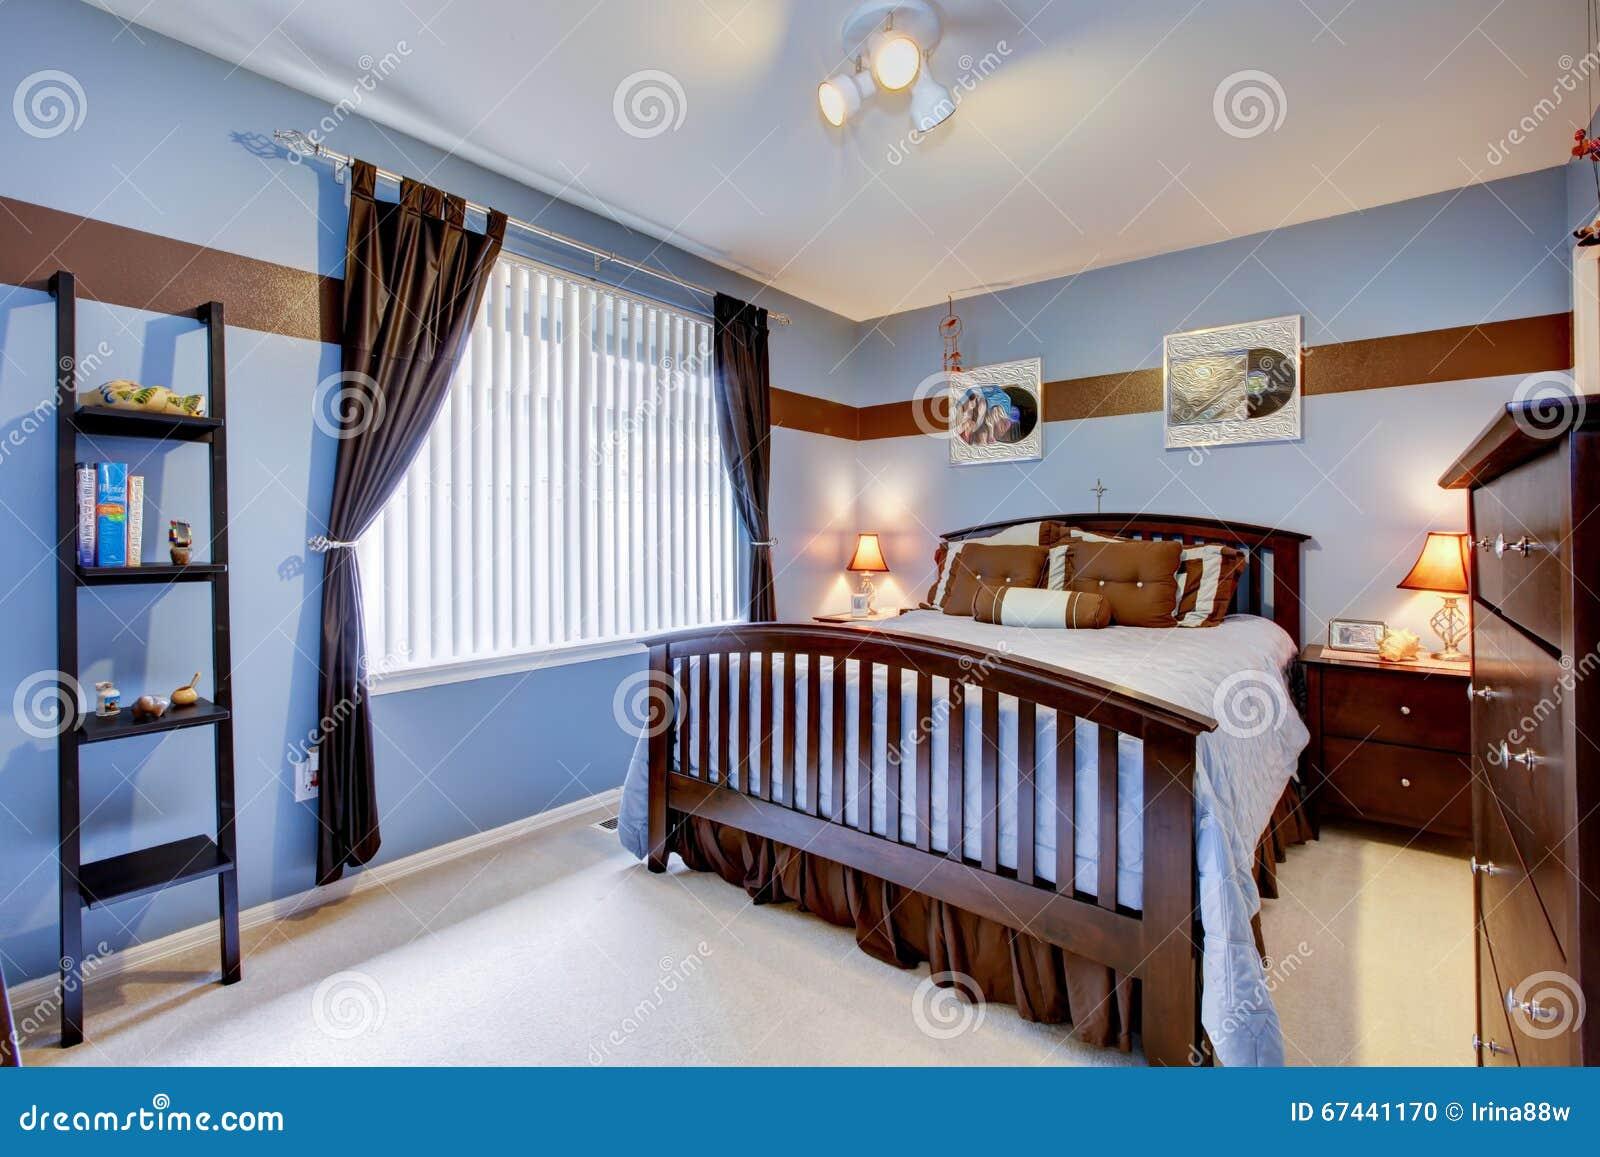 Chambre coucher d 39 invit avec du bois int rieur et brun for Chambre a coucher 2012